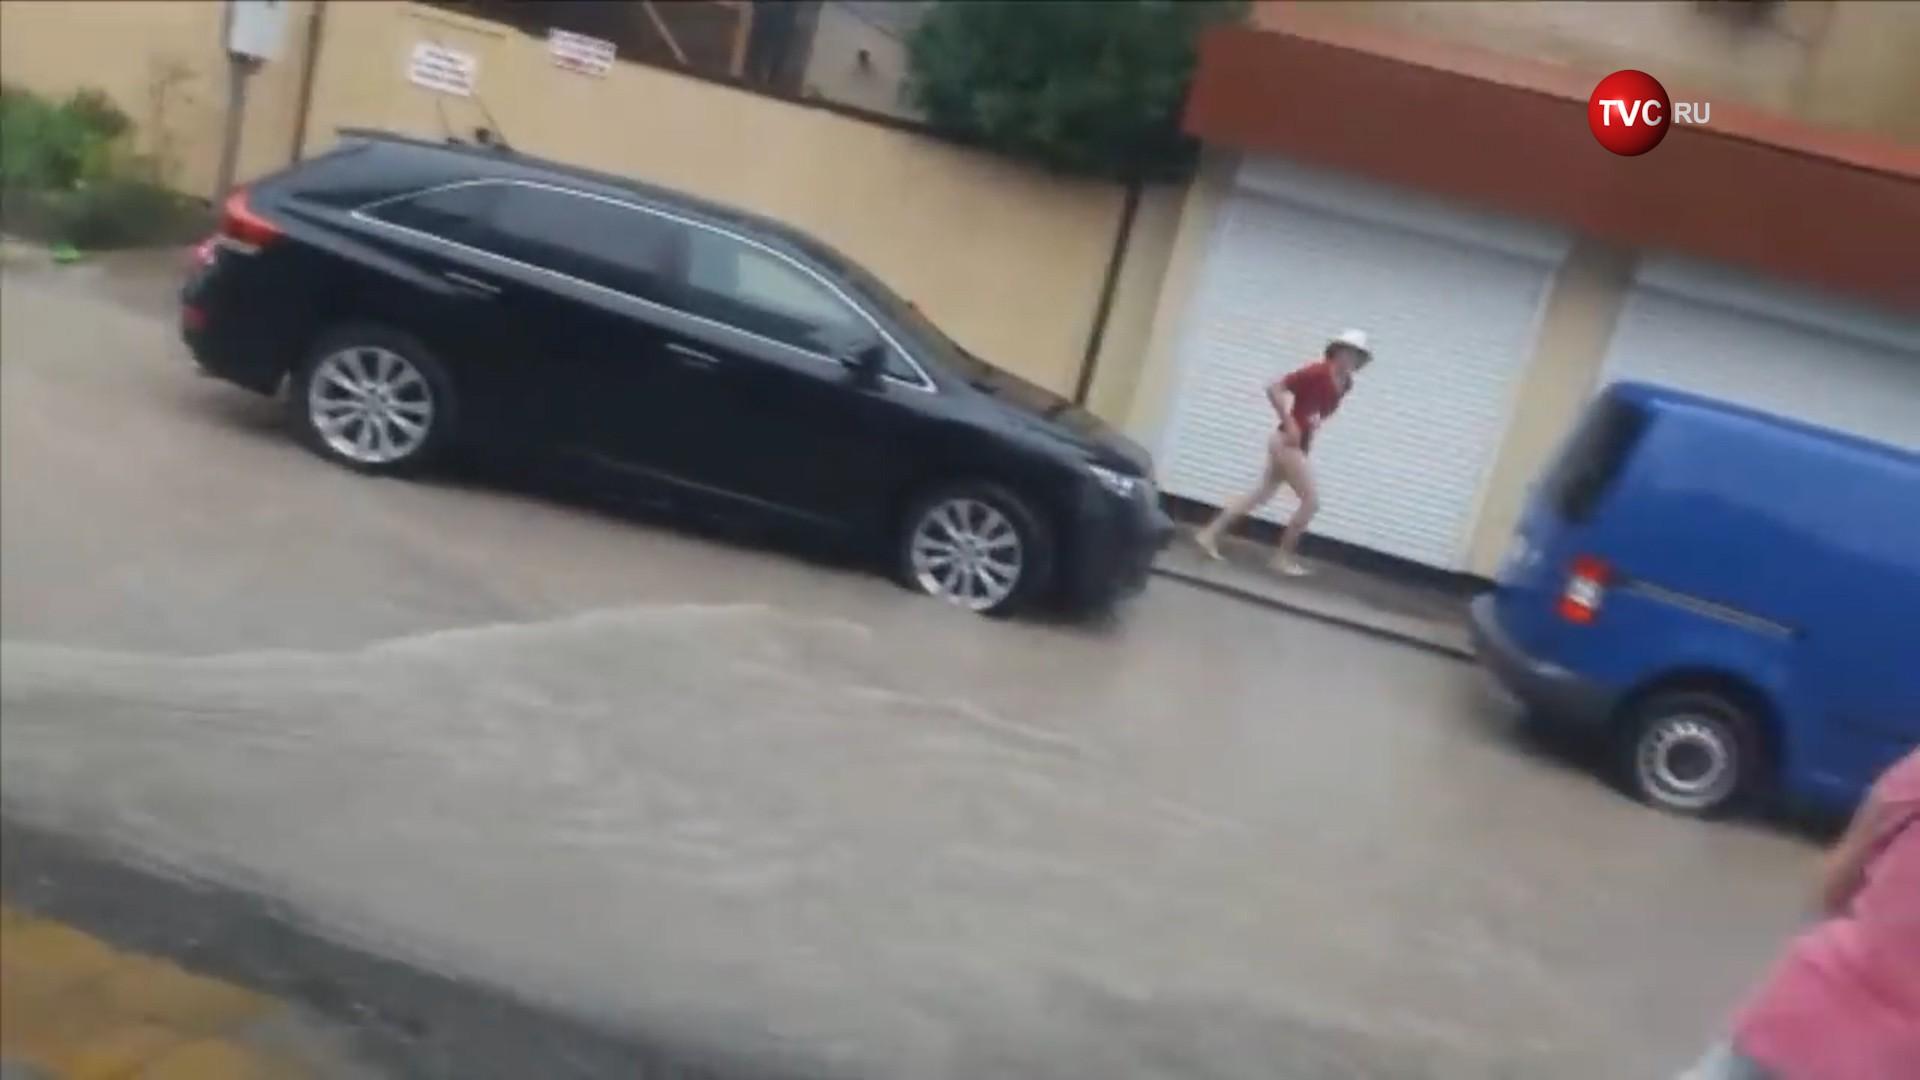 Место падения мальчика в ливневку в Сочи